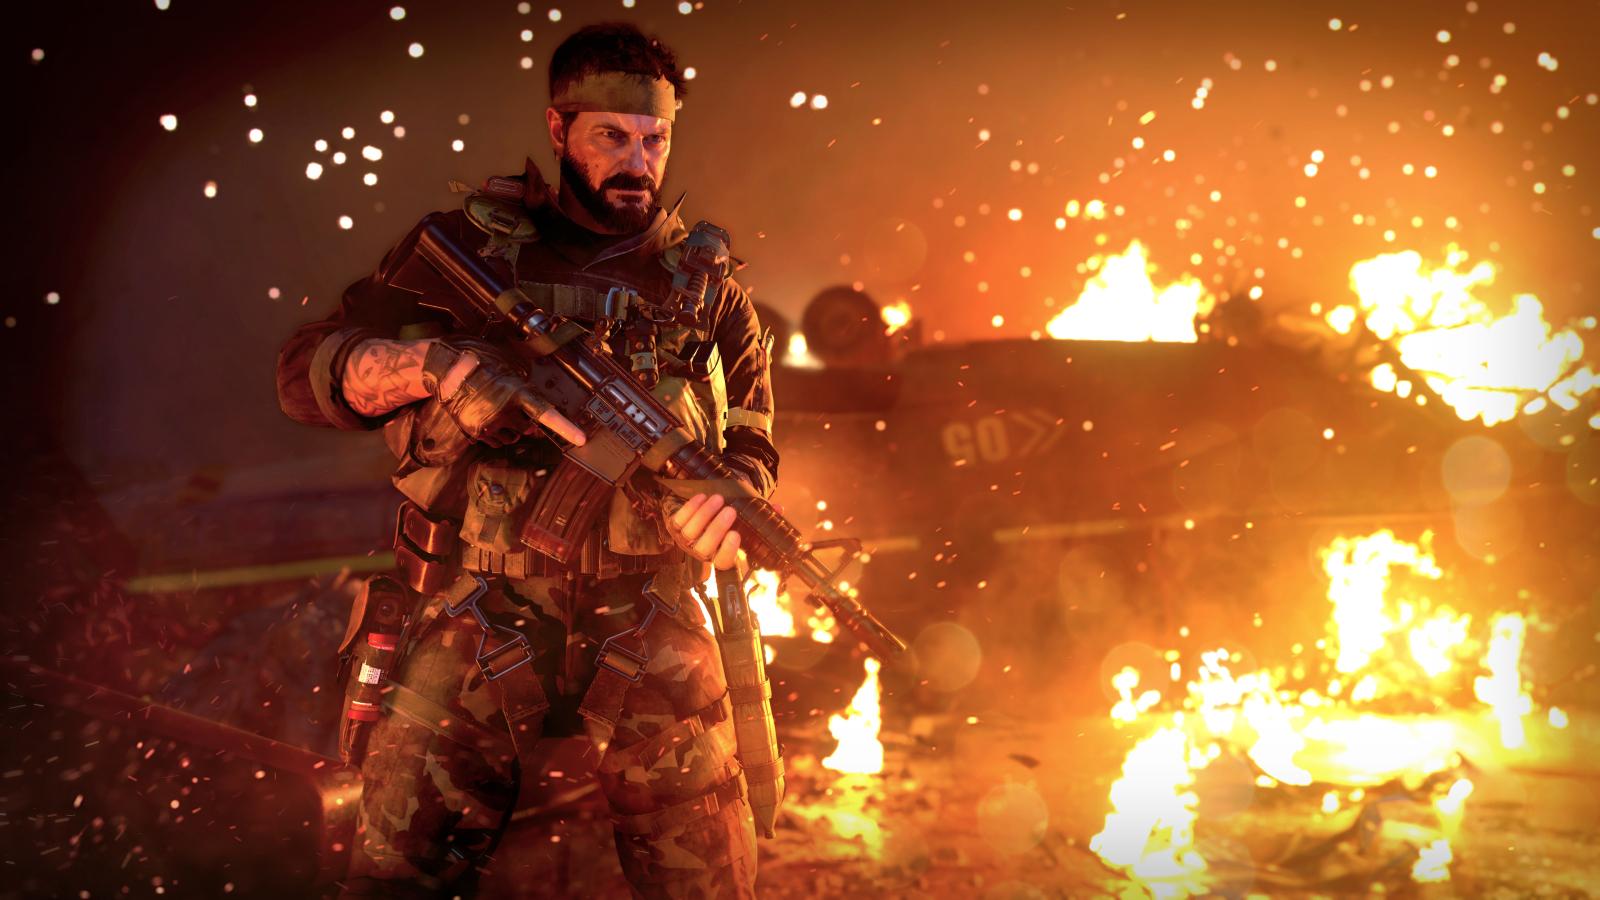 Суммарные продажи игр серии Call of Duty превысили 400 млн копий